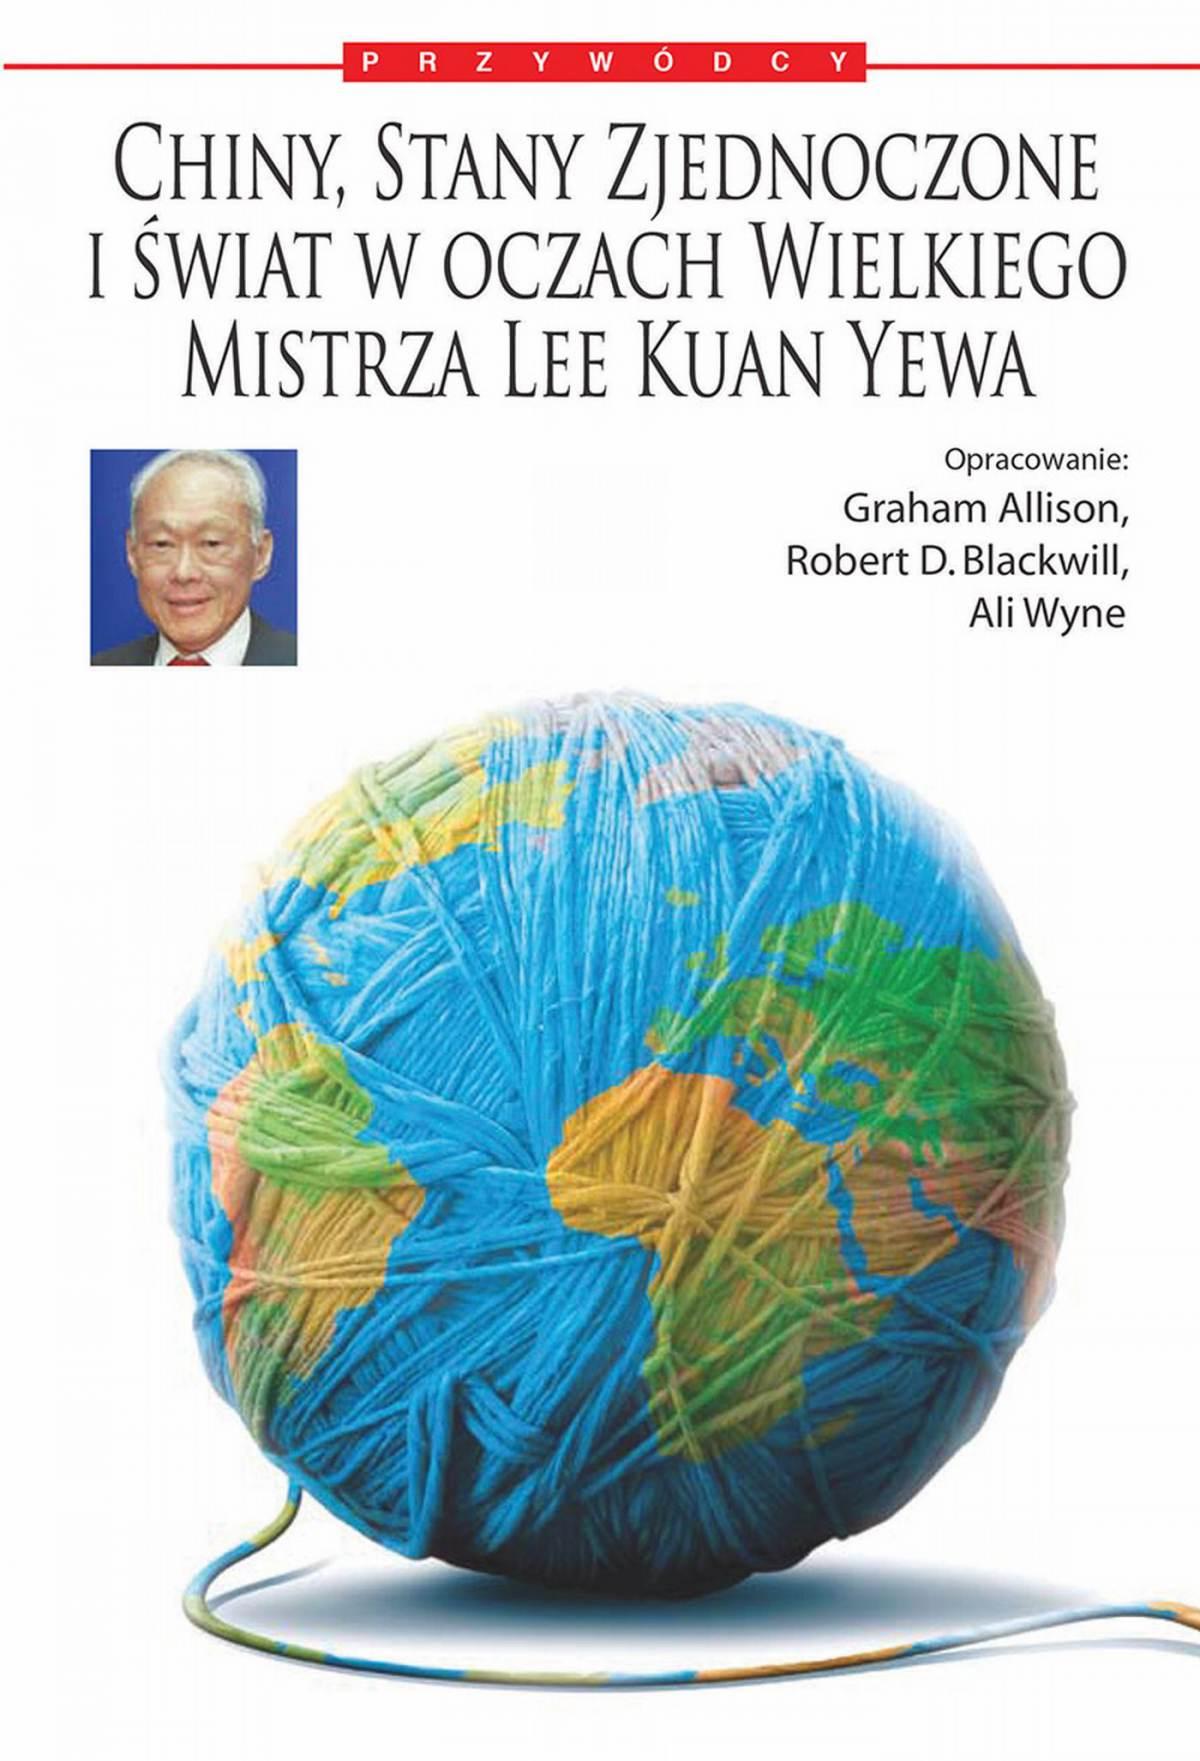 Chiny, Stany Zjednoczone i świat według Wielkiego Mistrza Lee Kuan Yewa - Ebook (Książka EPUB) do pobrania w formacie EPUB